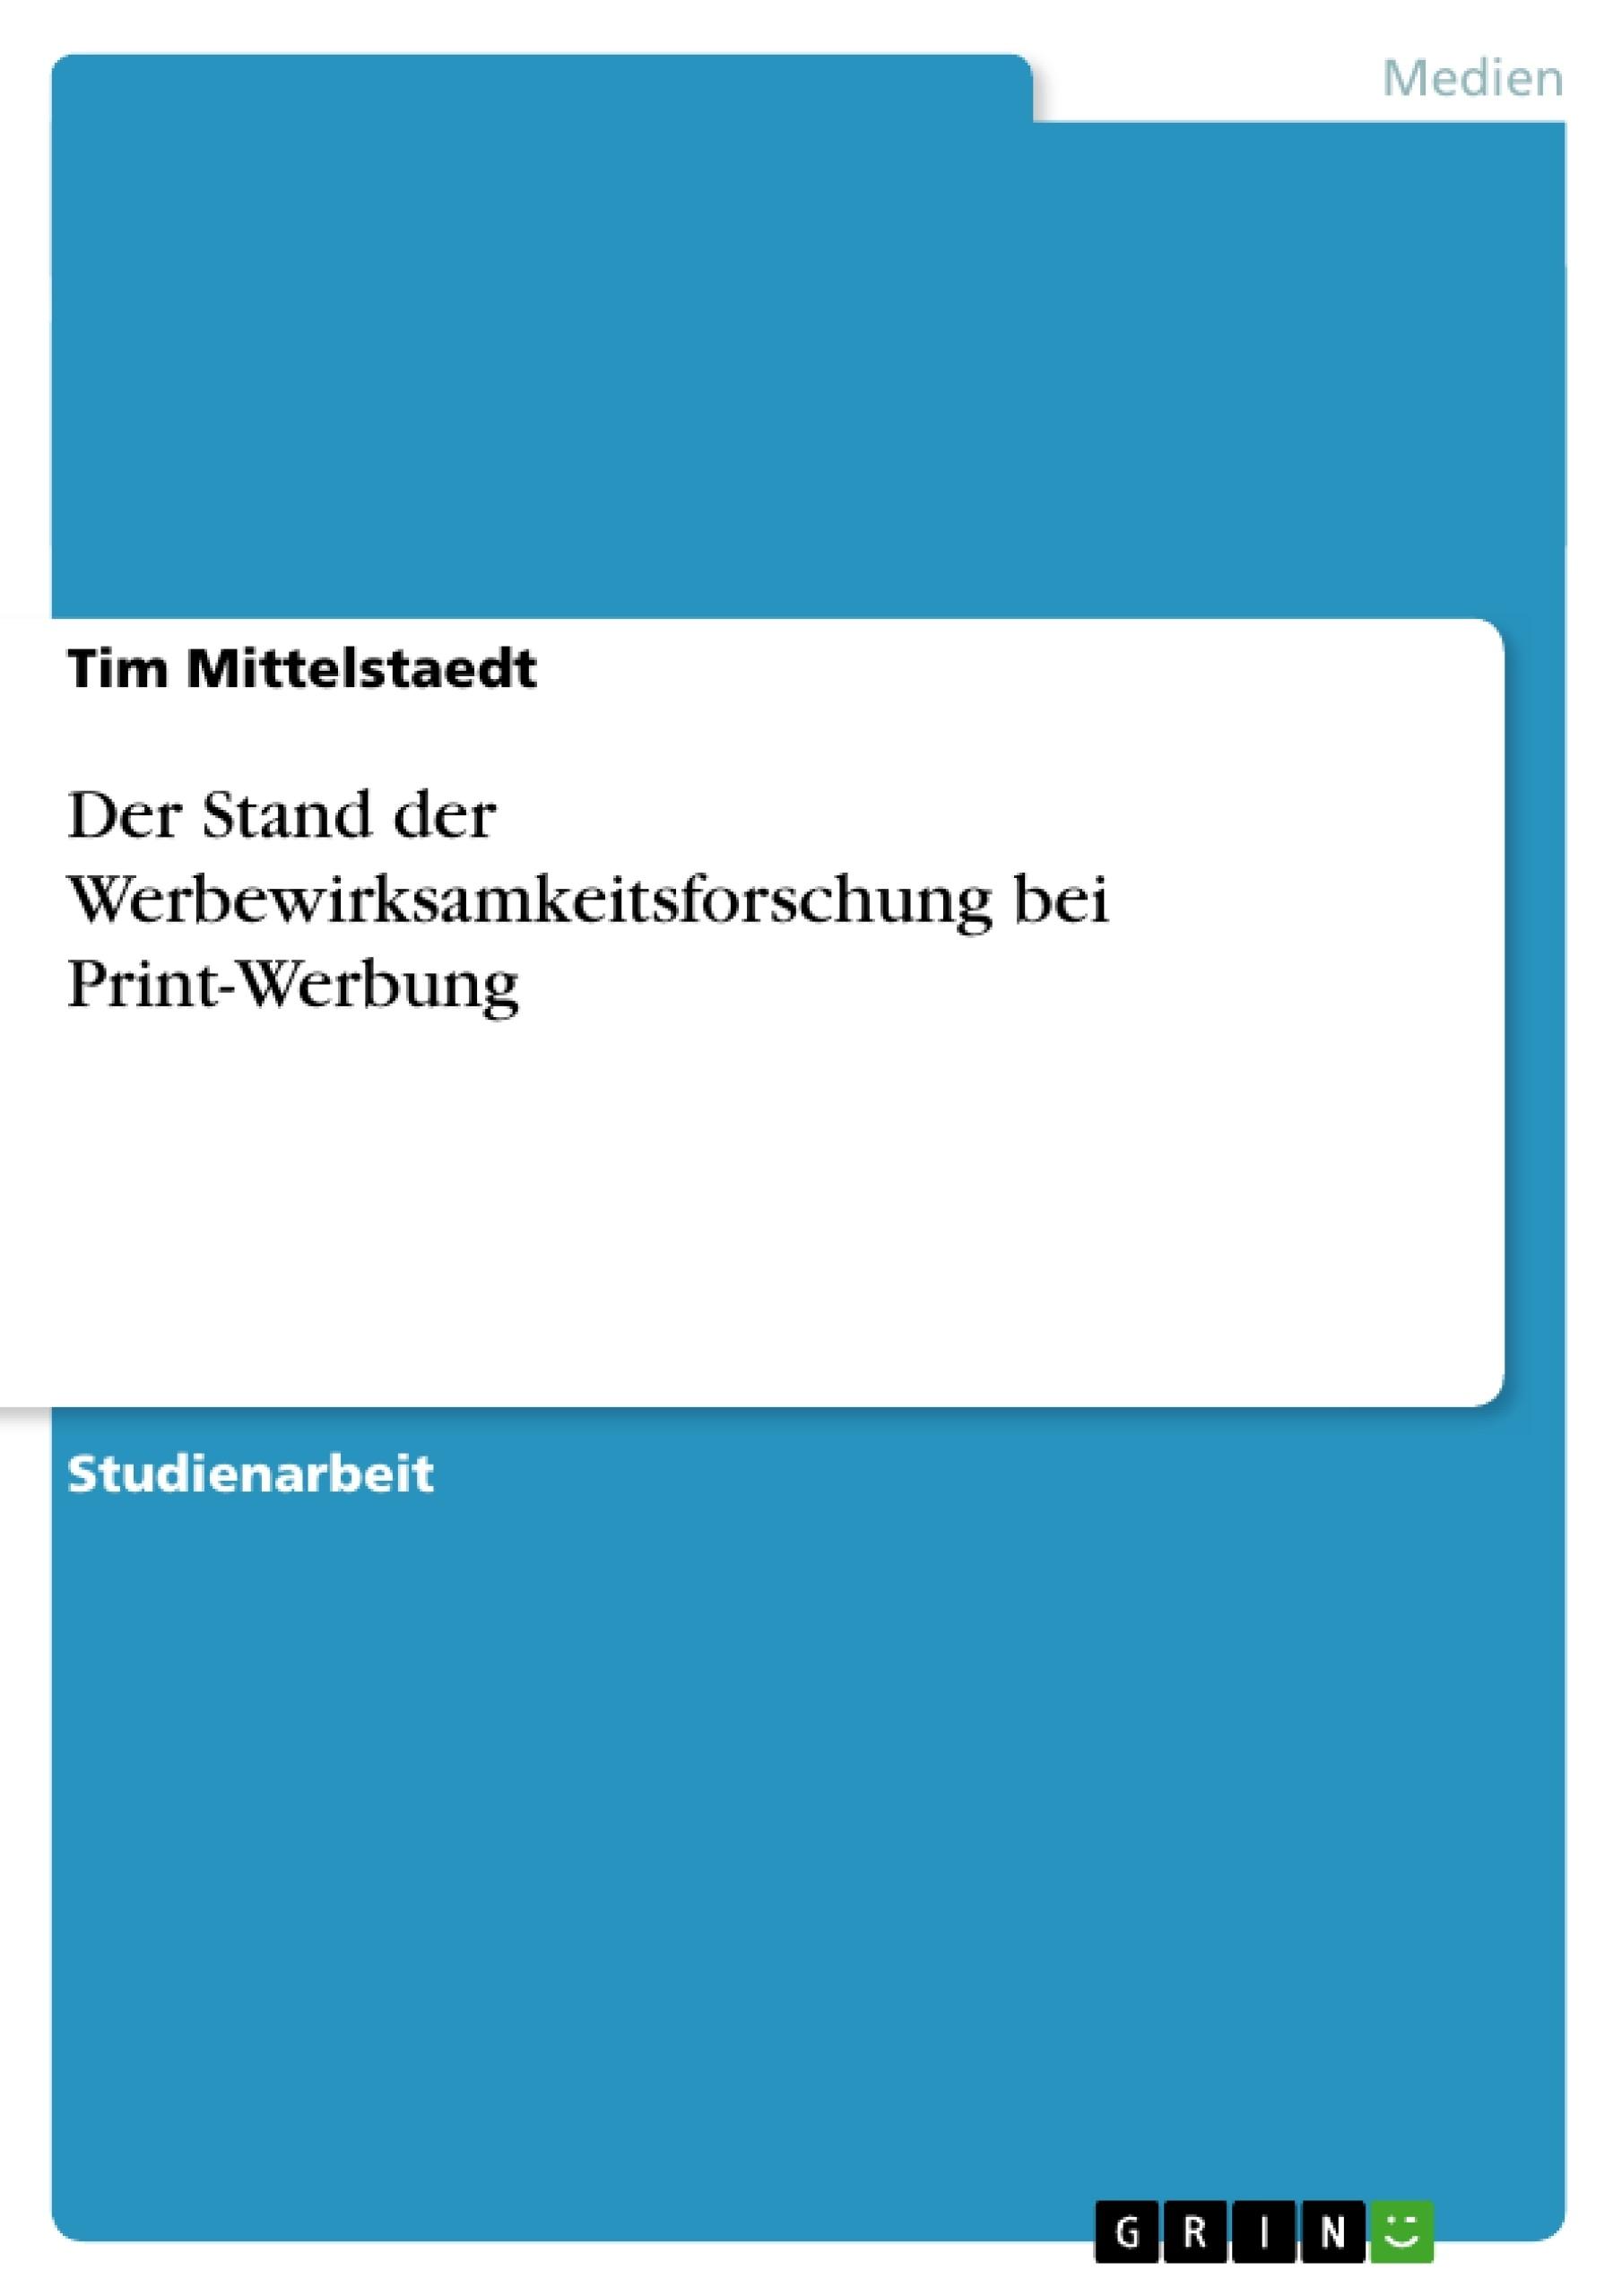 Titel: Der Stand der Werbewirksamkeitsforschung bei Print-Werbung